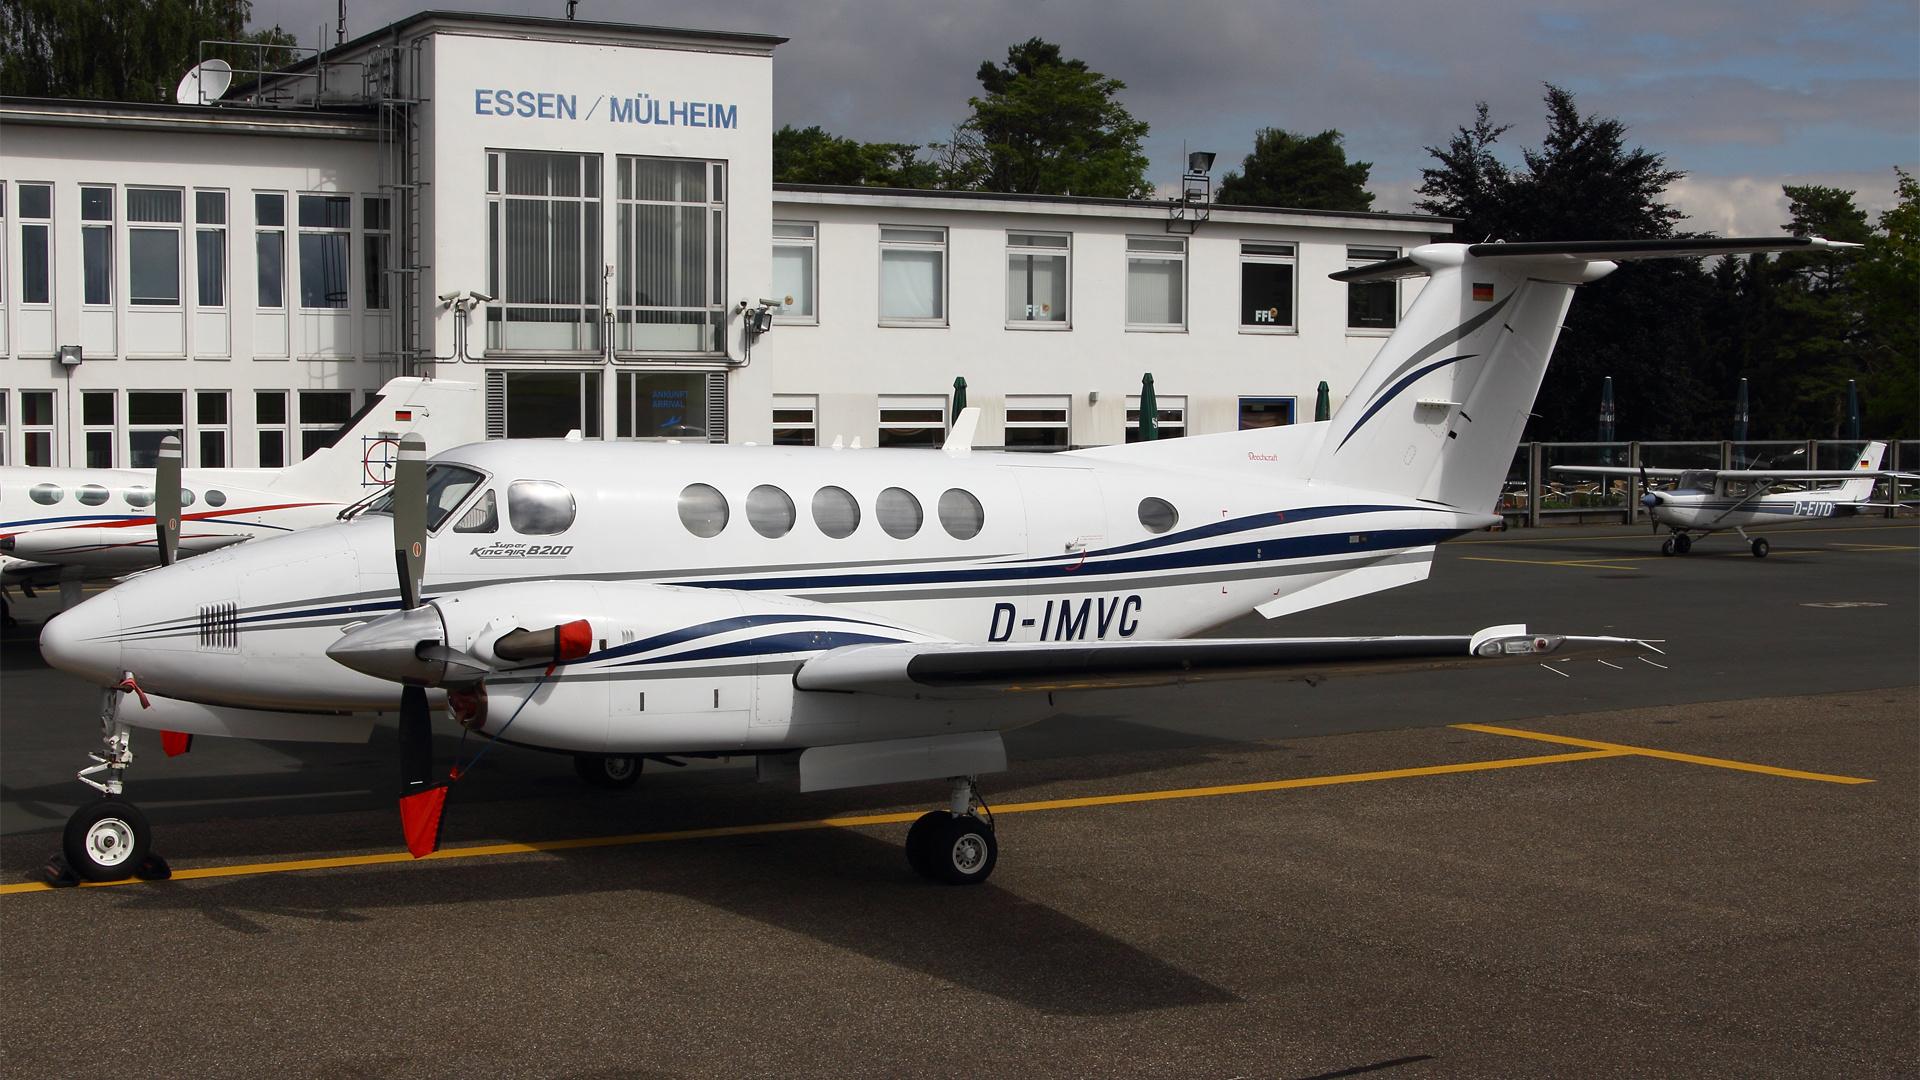 D-IMVC-1 B200  ESS 201406